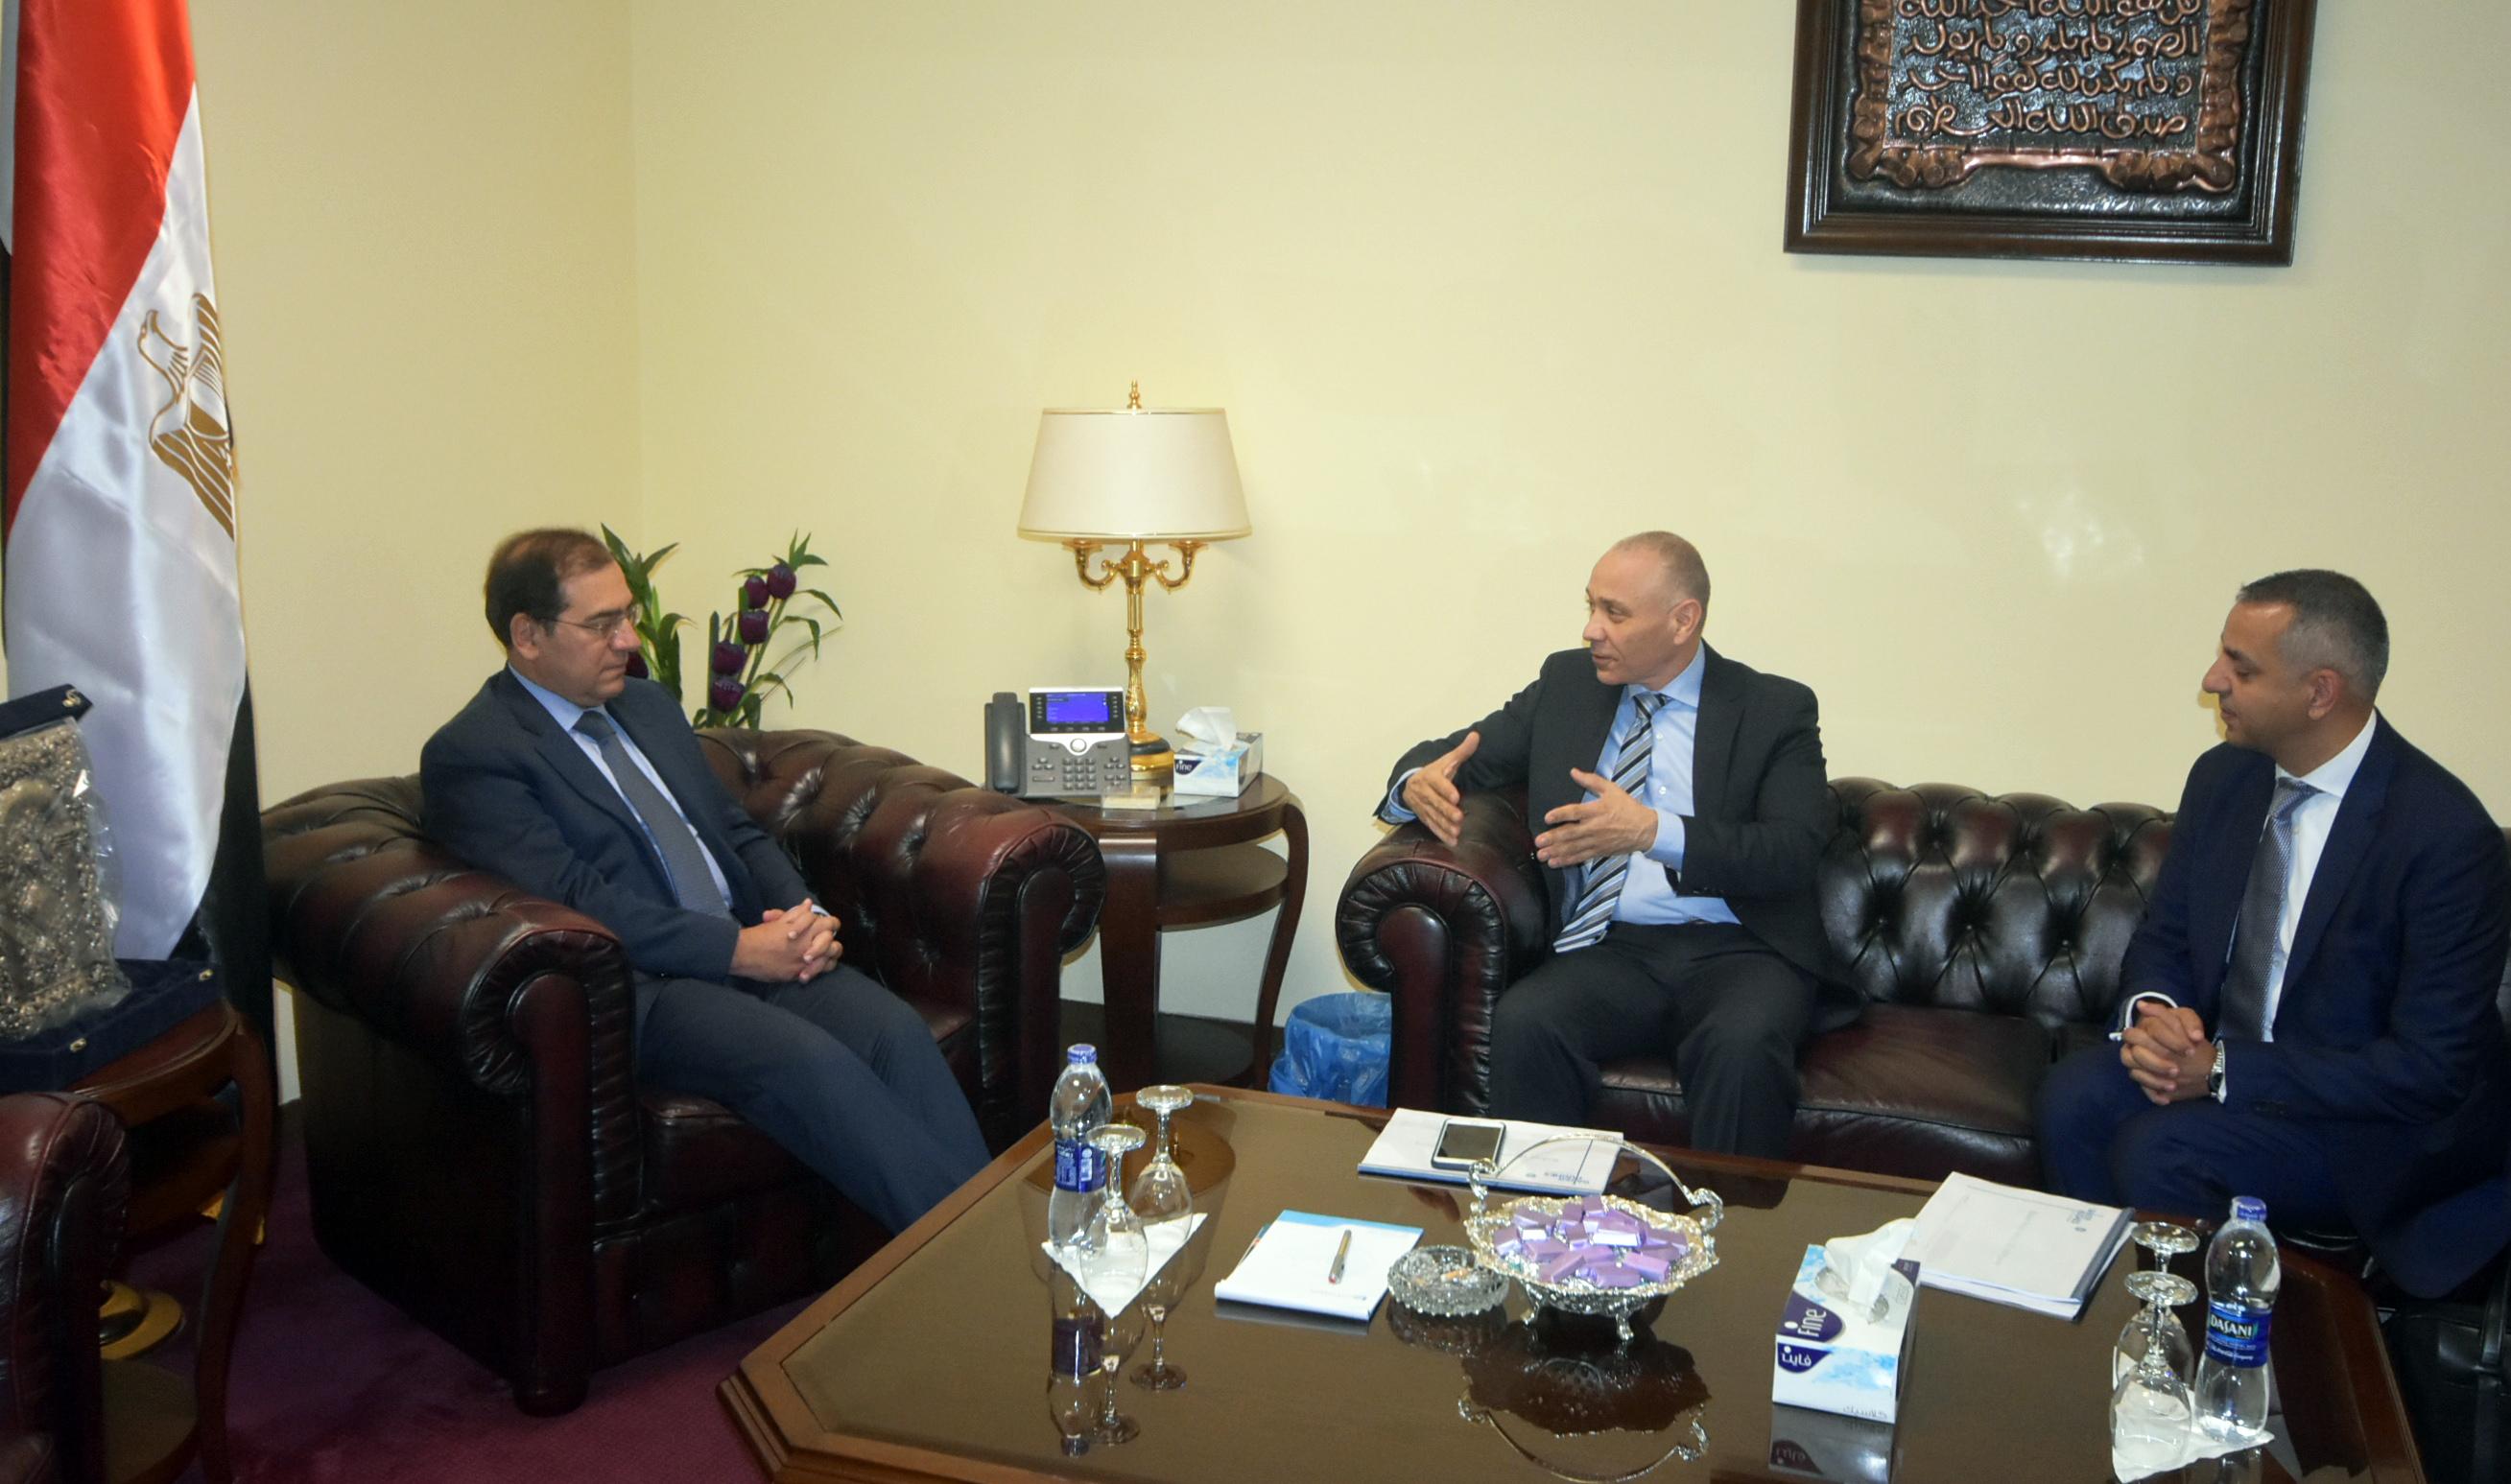 الملا يستقبل أيمن خطاب نائب رئيس شركة بيكر أند هيوز وسامح حسين المدير العام  لزيادة استثمارات الشركة  بمصر